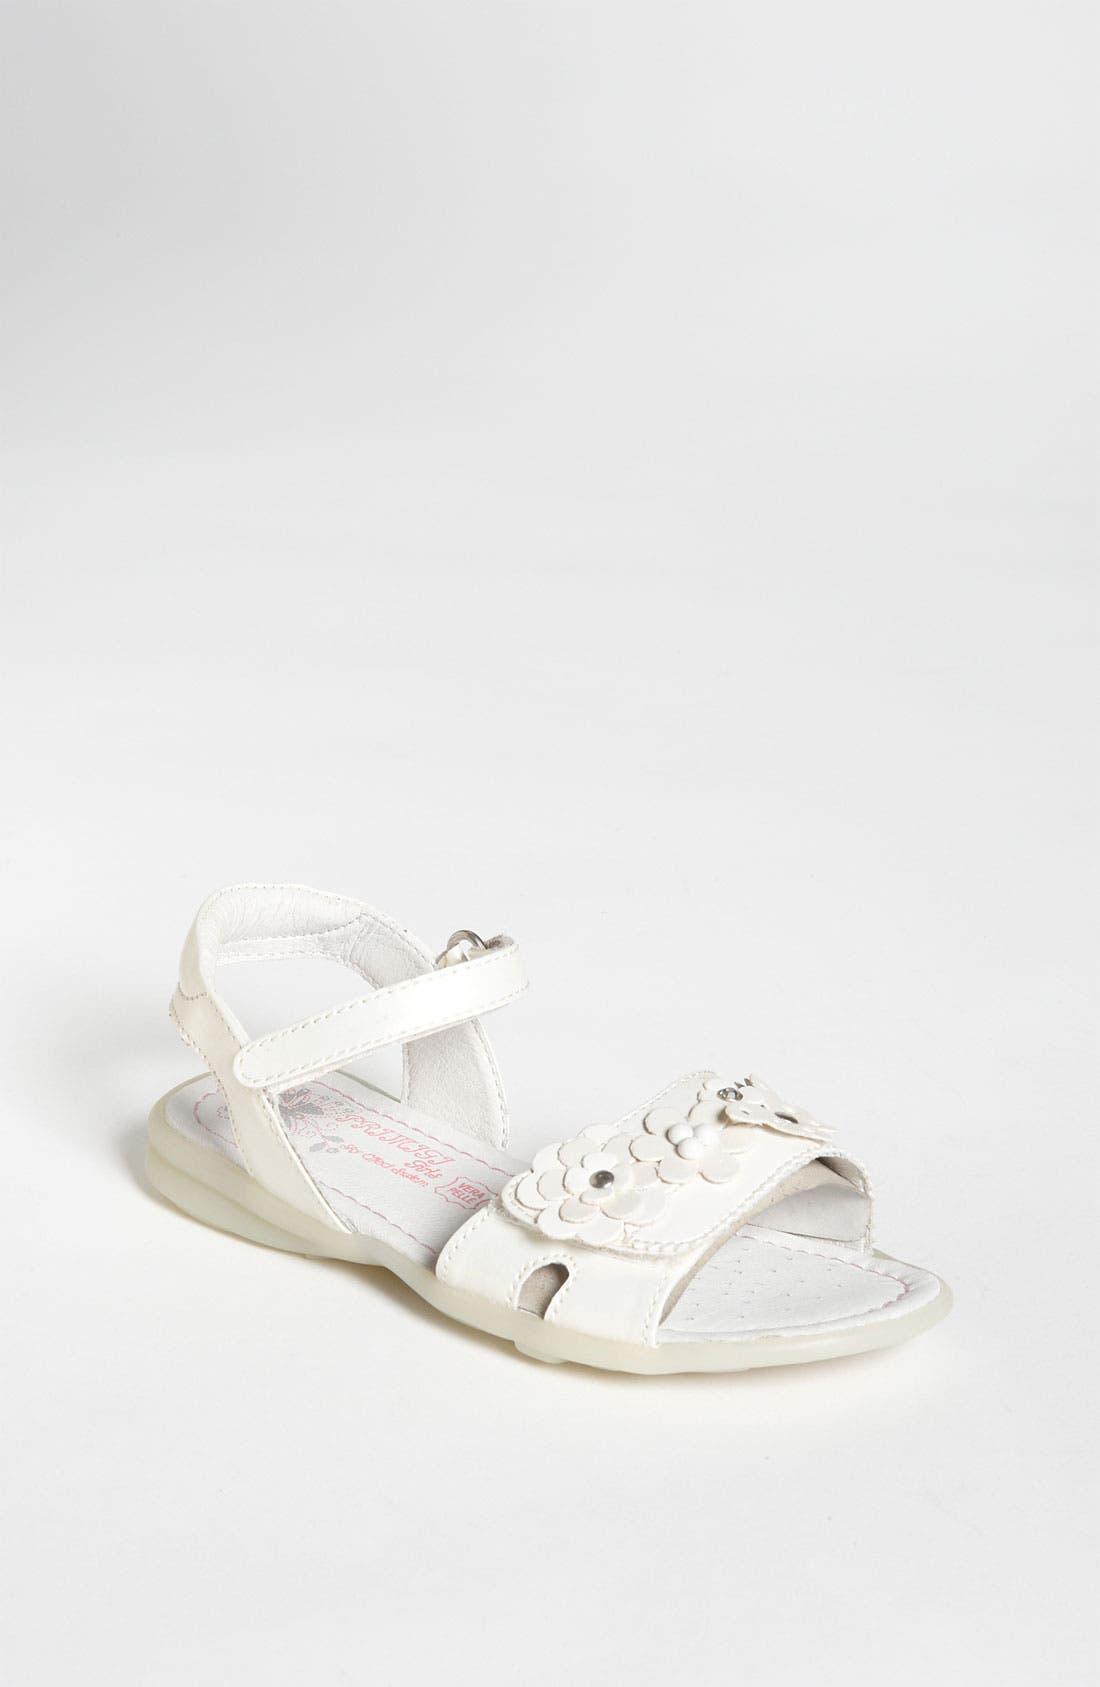 Main Image - Primigi 'Delsie' Sandal (Toddler)